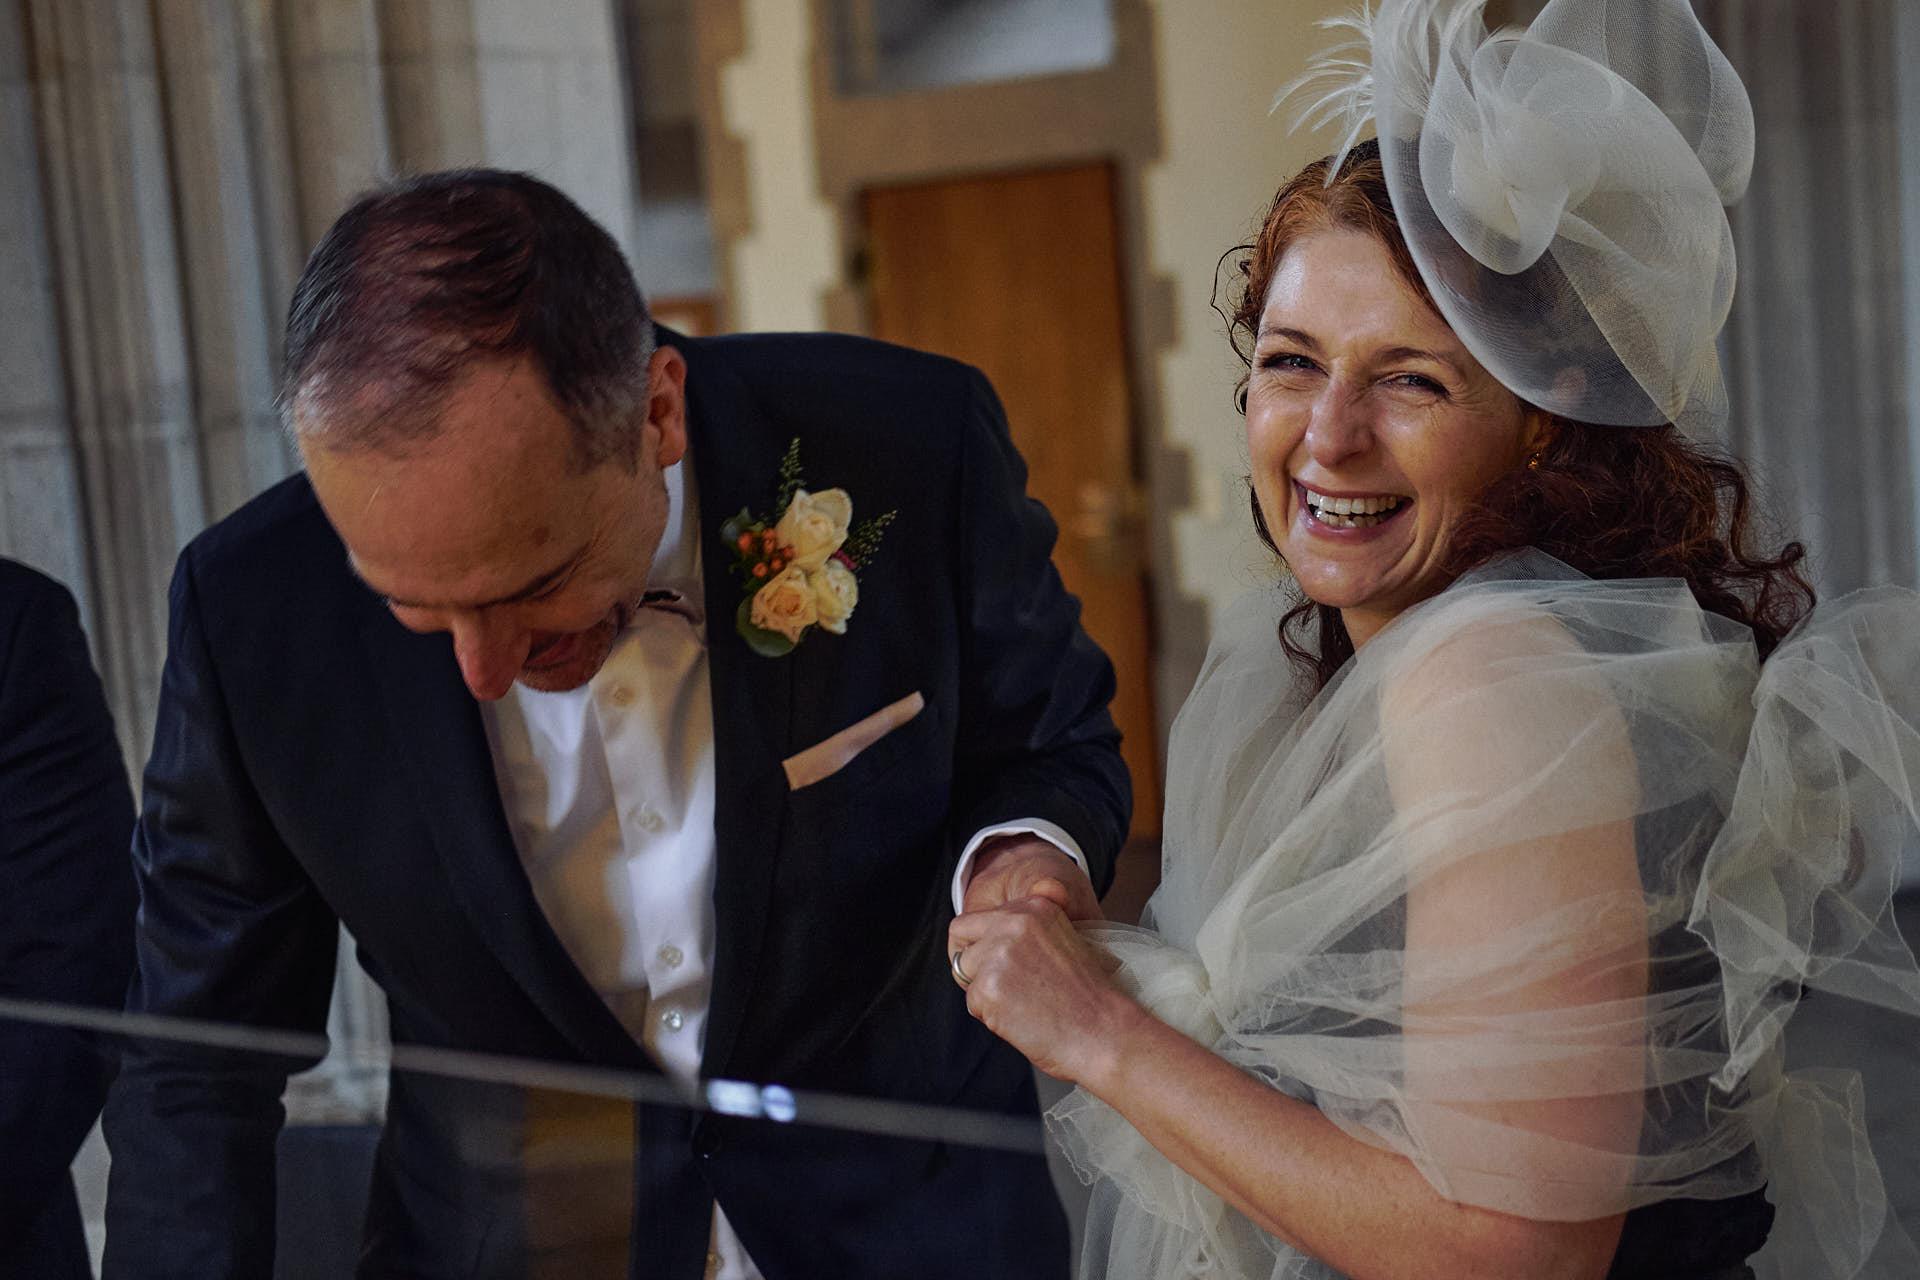 Braut lacht beim Ringtausch, da der Ehering dem Bräutigam nicht mehr passt